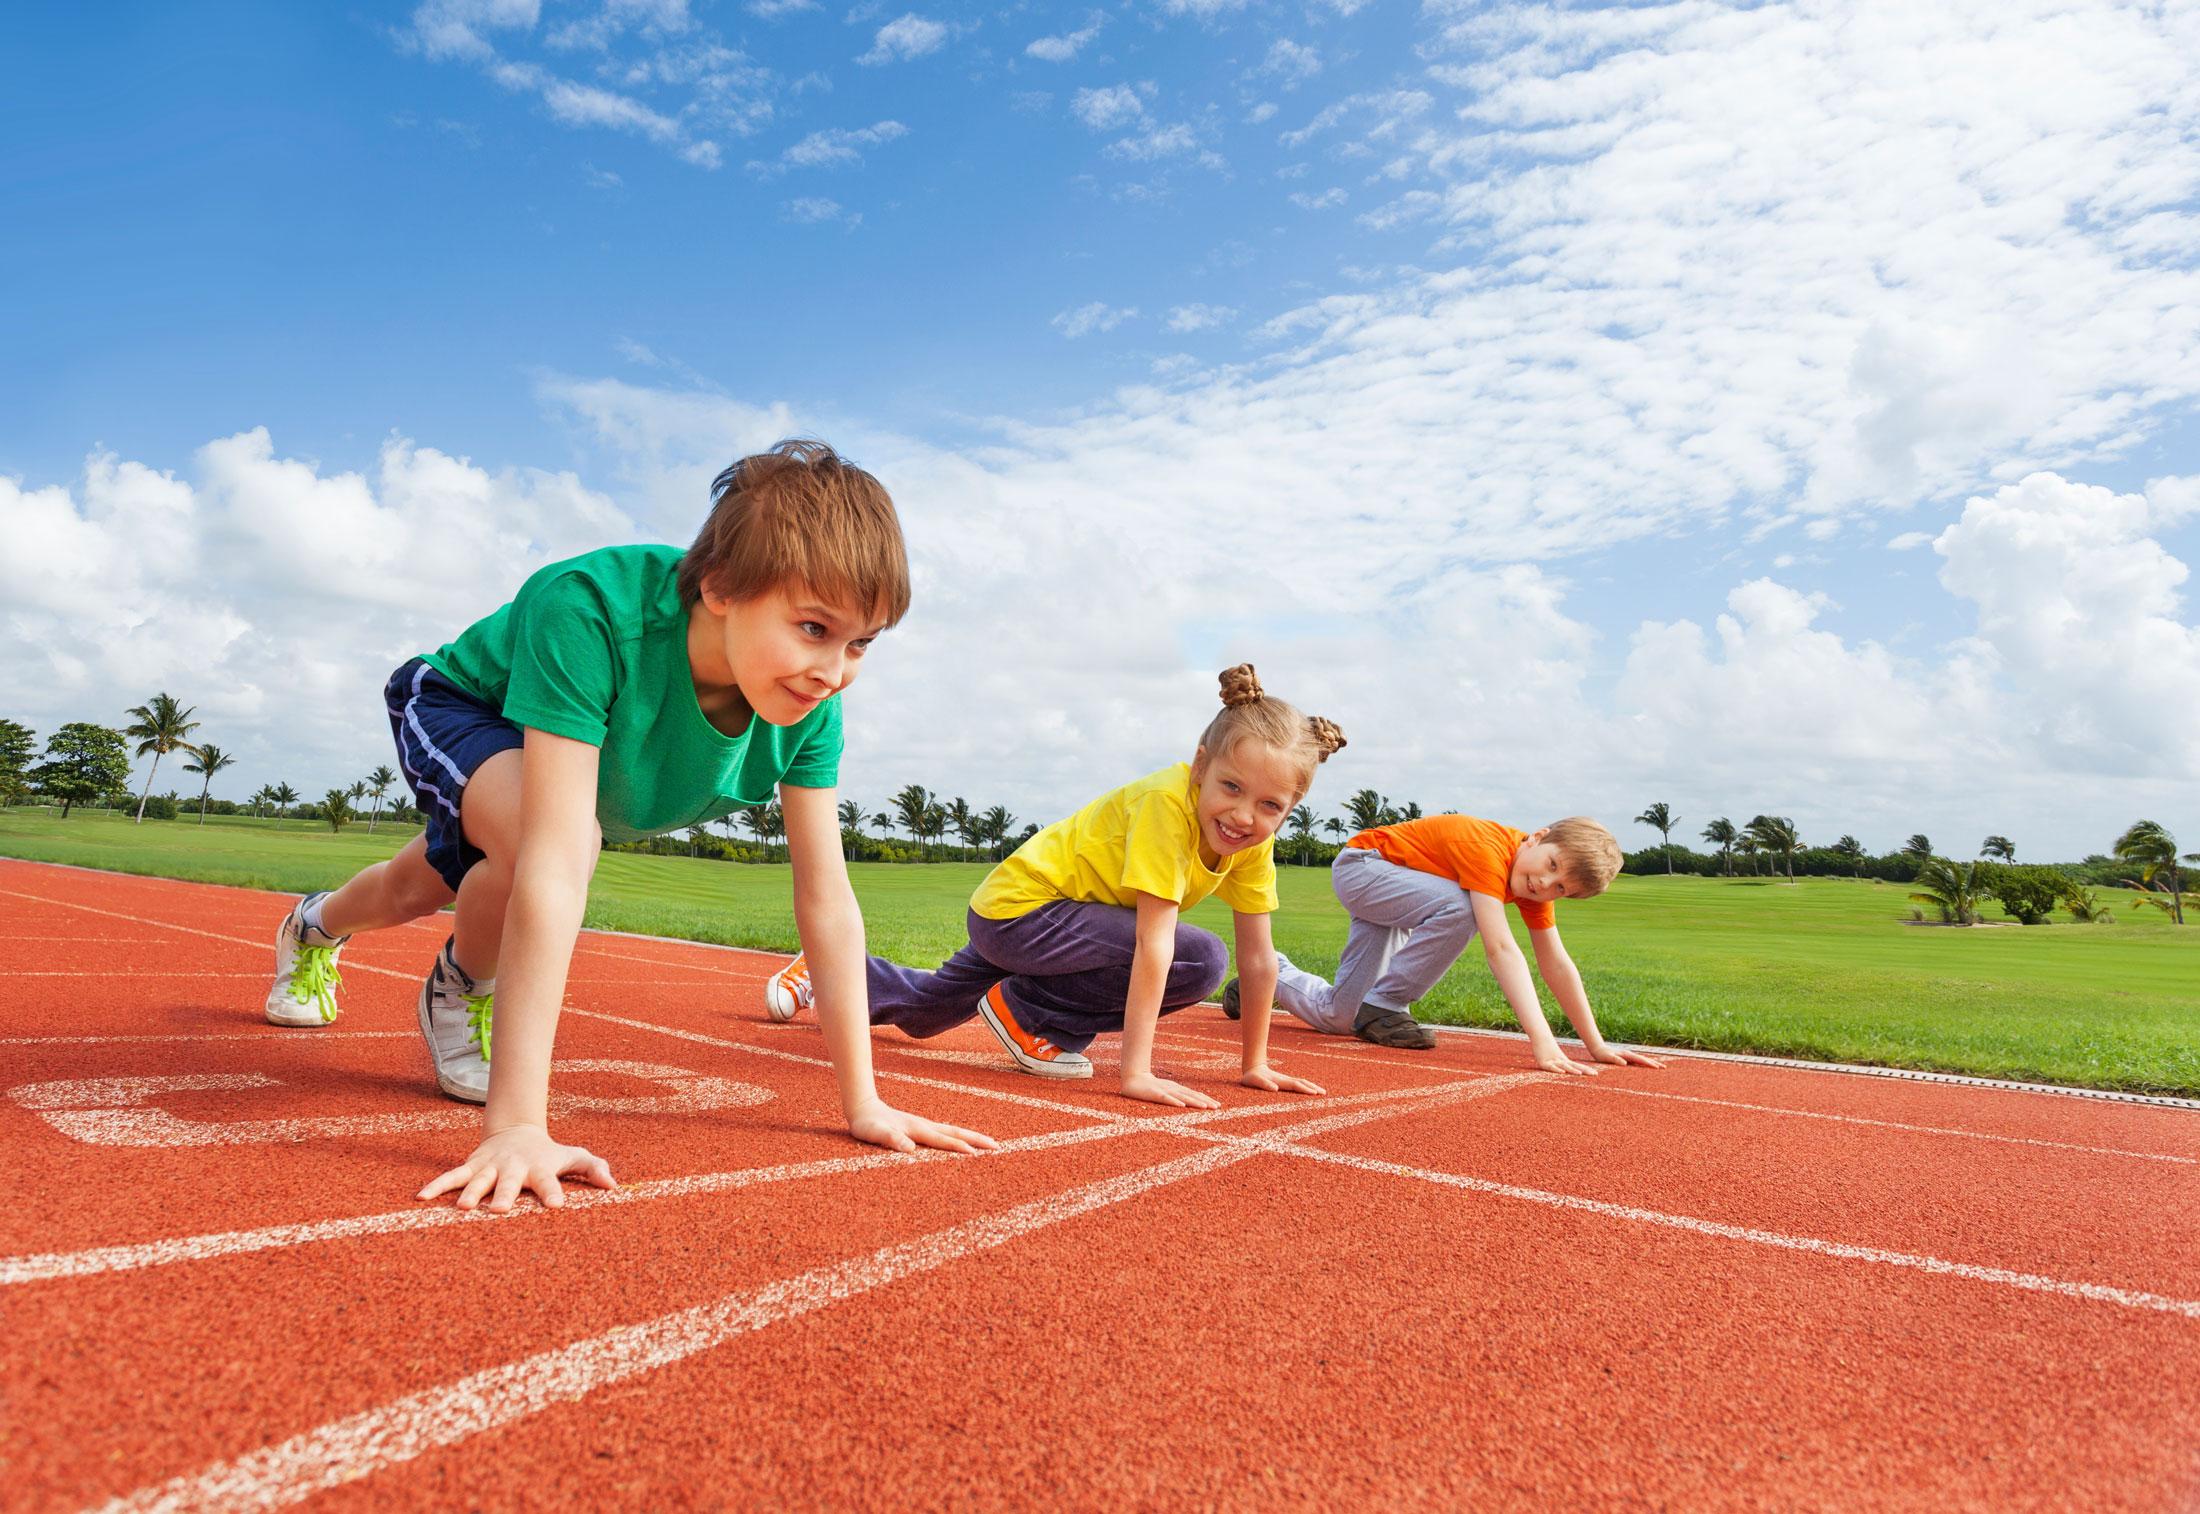 فوائد الرياضة للحصول على بشرة صحية